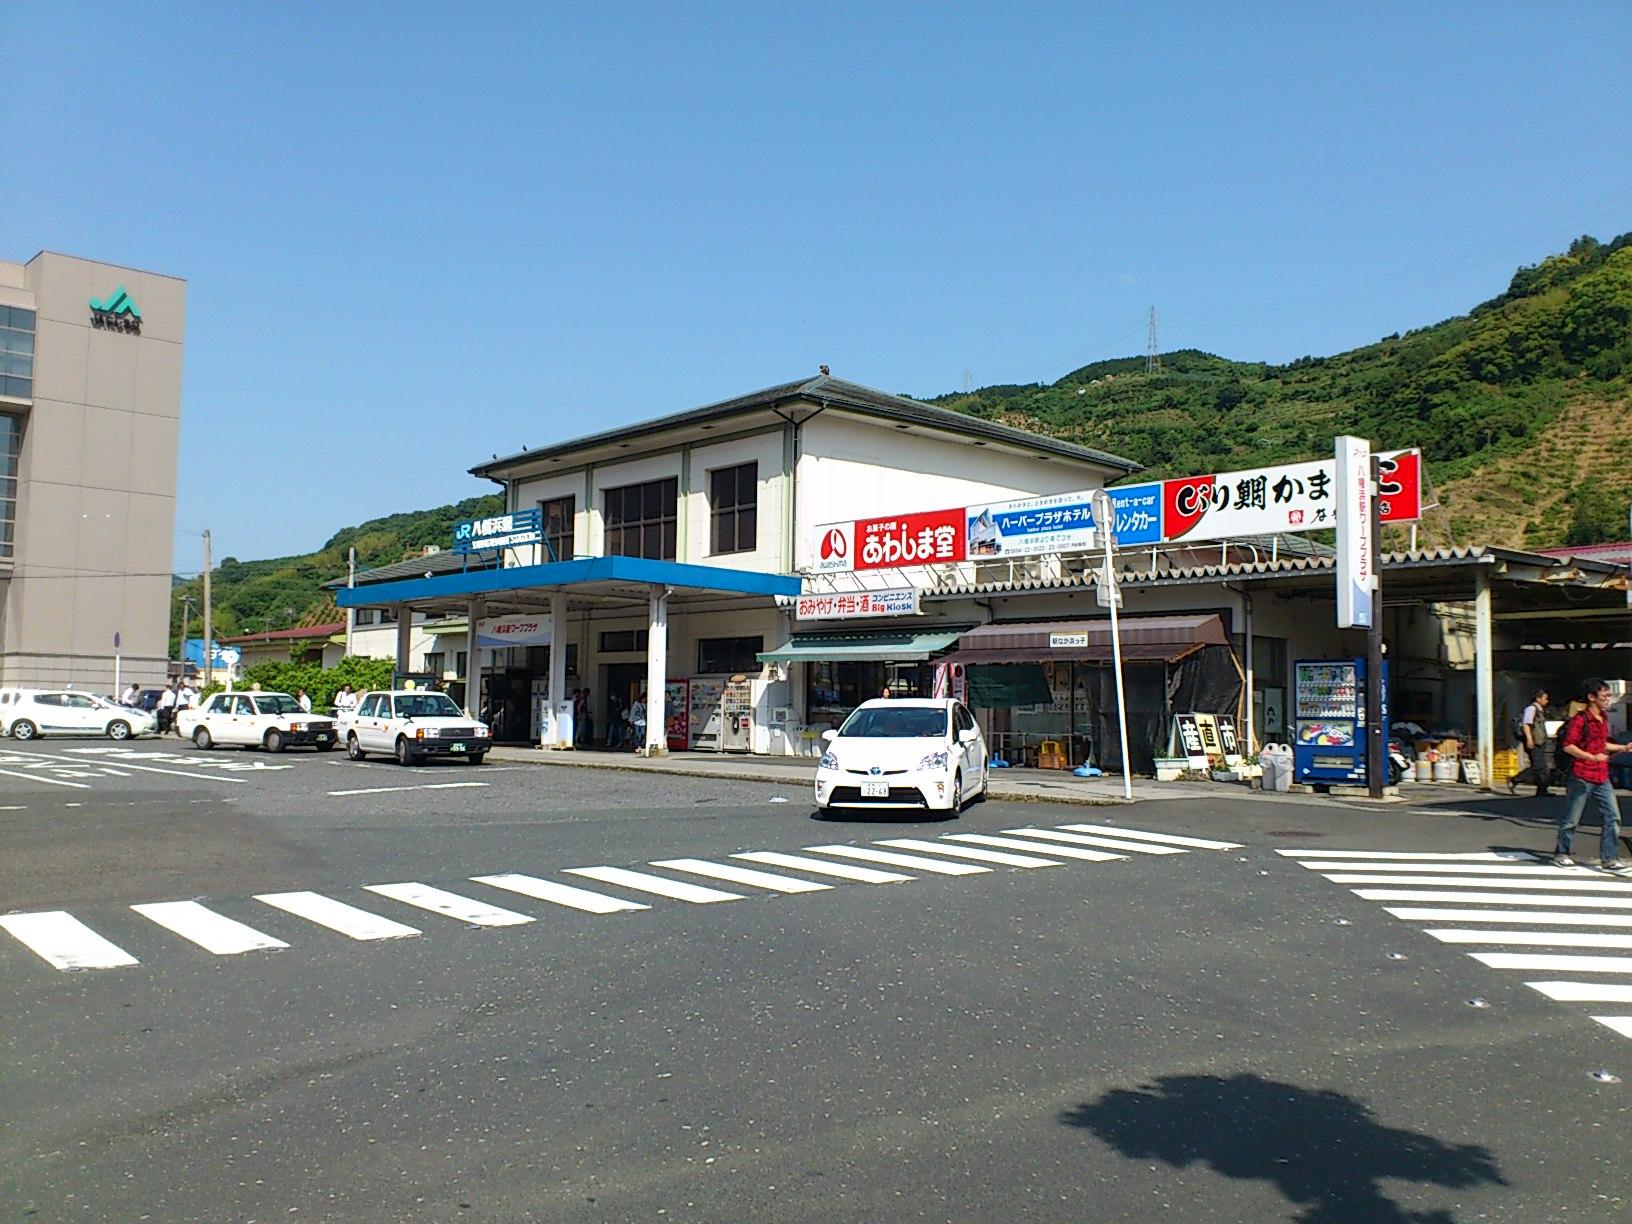 愛媛県八幡浜駅に到着